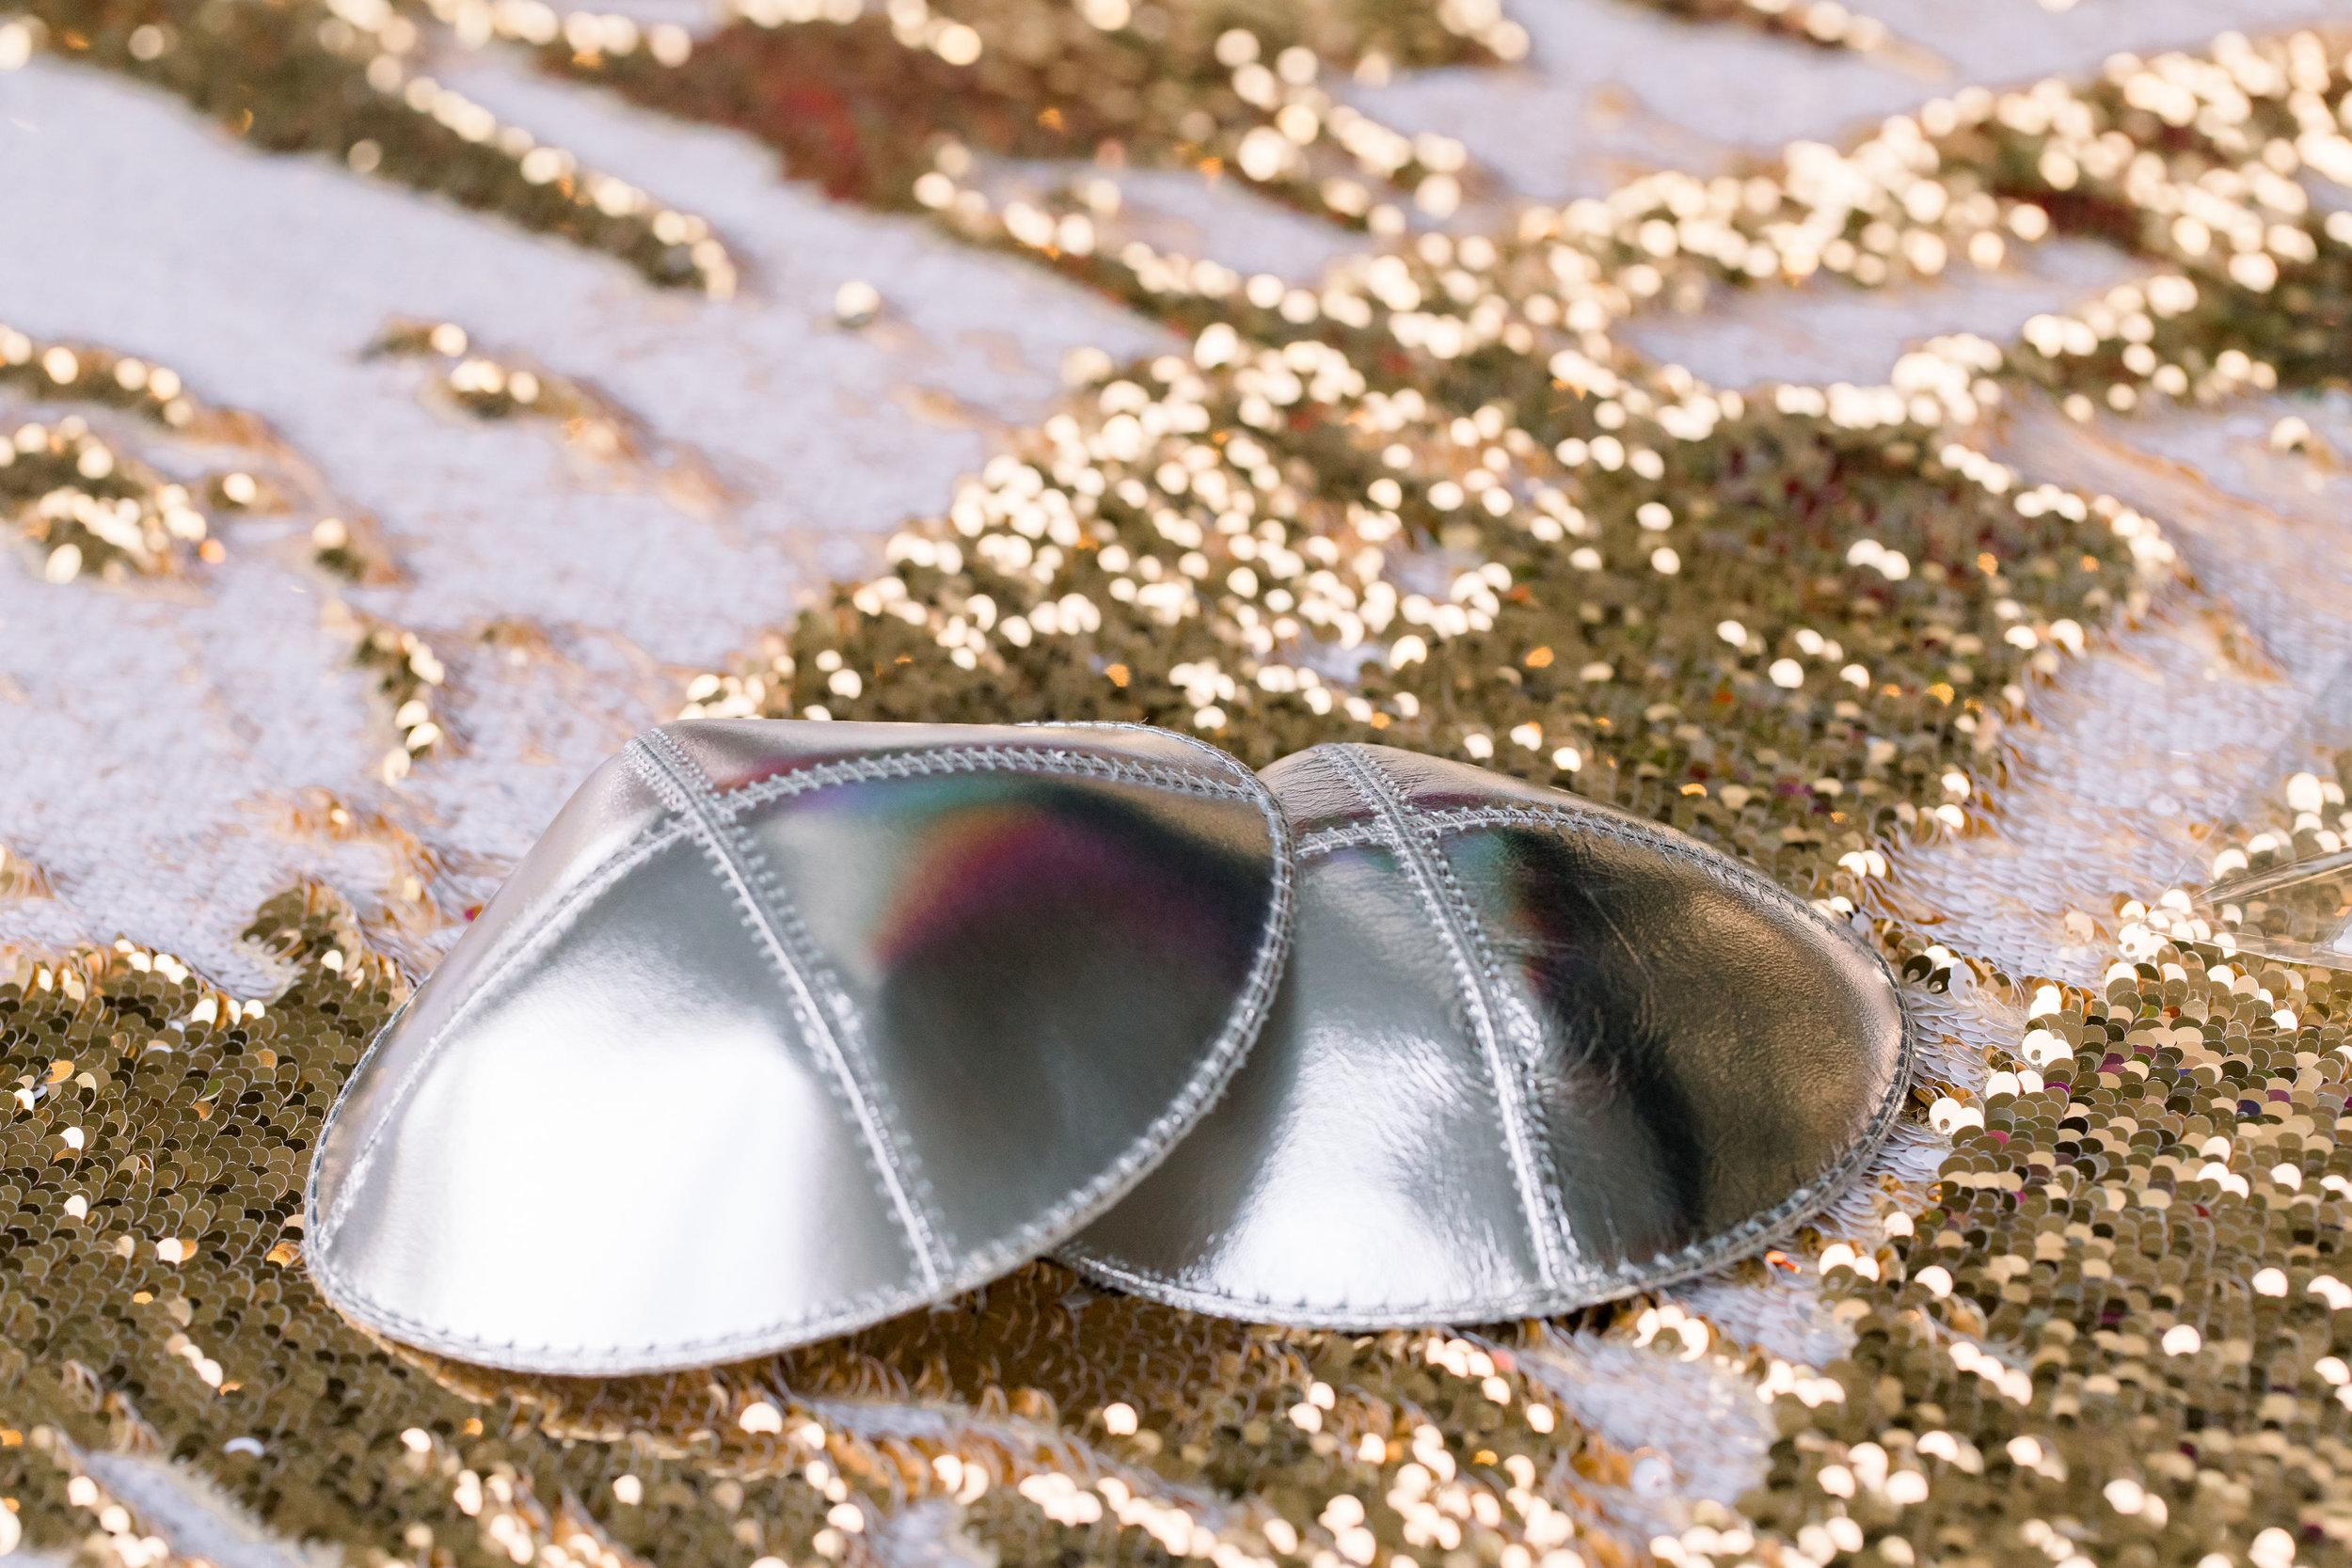 3 kippah silver custom kippah sequin mermaid linen bat mitzvah Life Design Events photos by Stephanie Heymann Photography.jpg